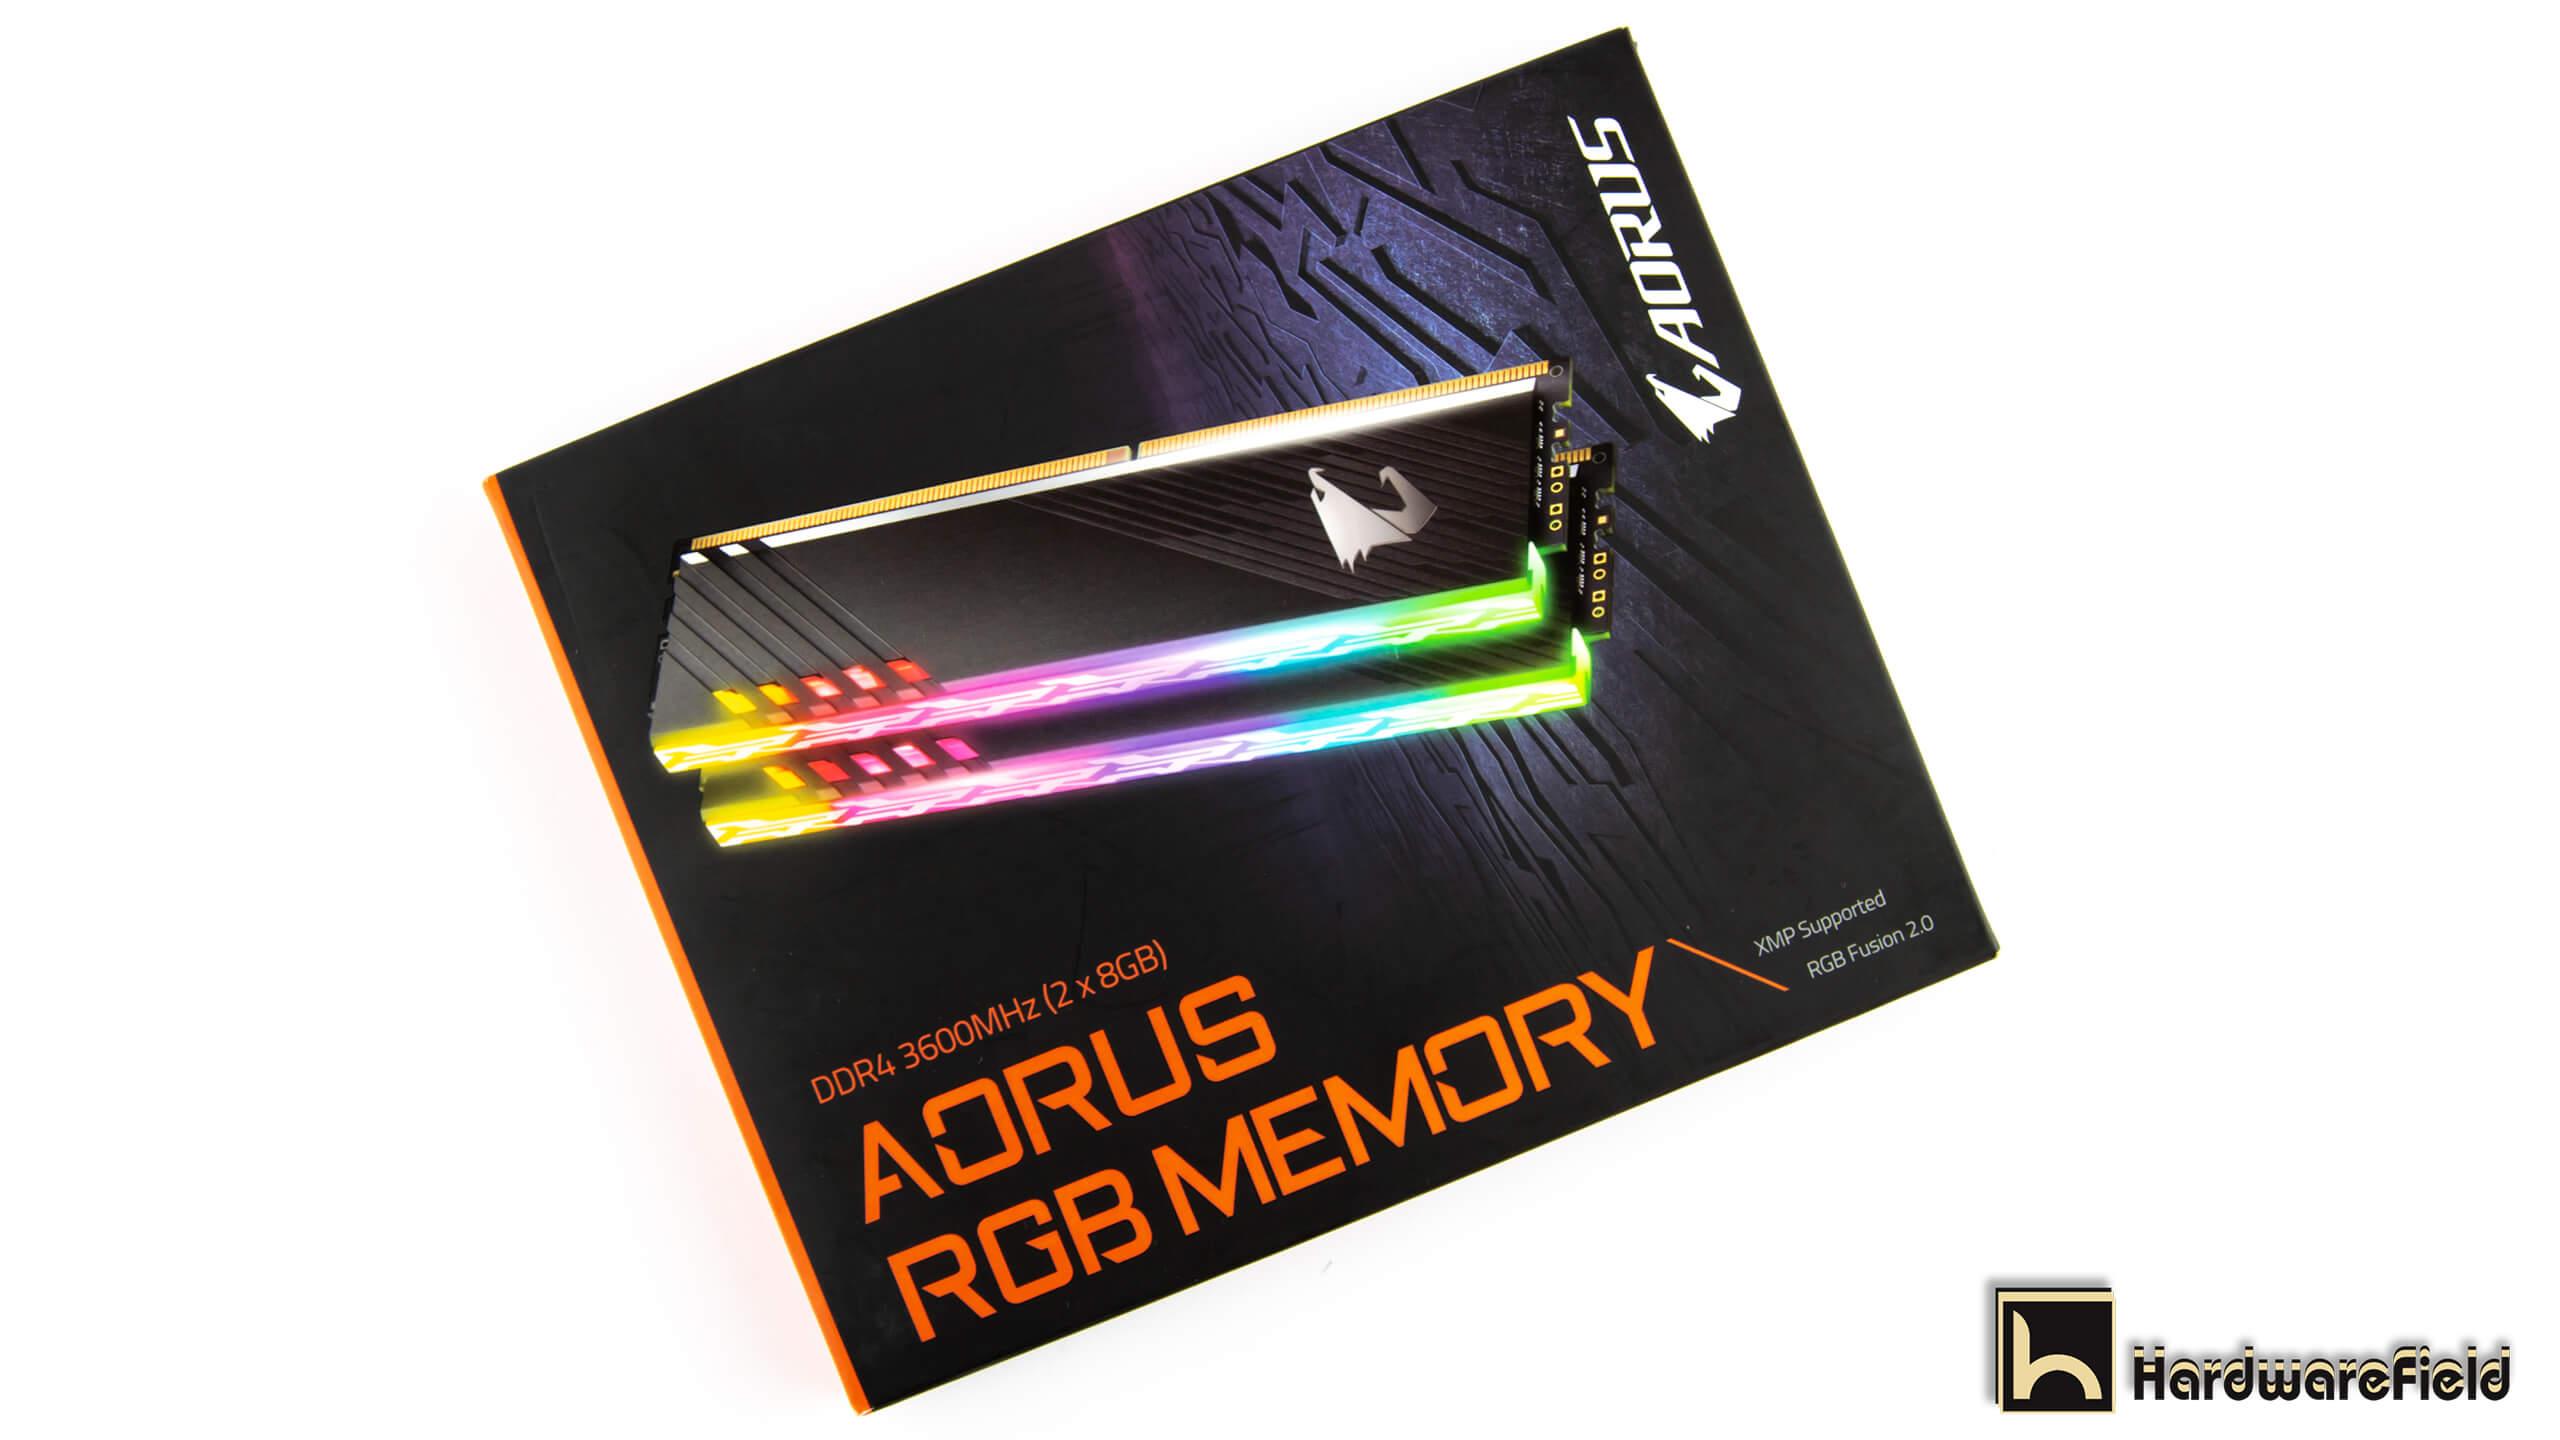 AORUS RGB MEMORY 1